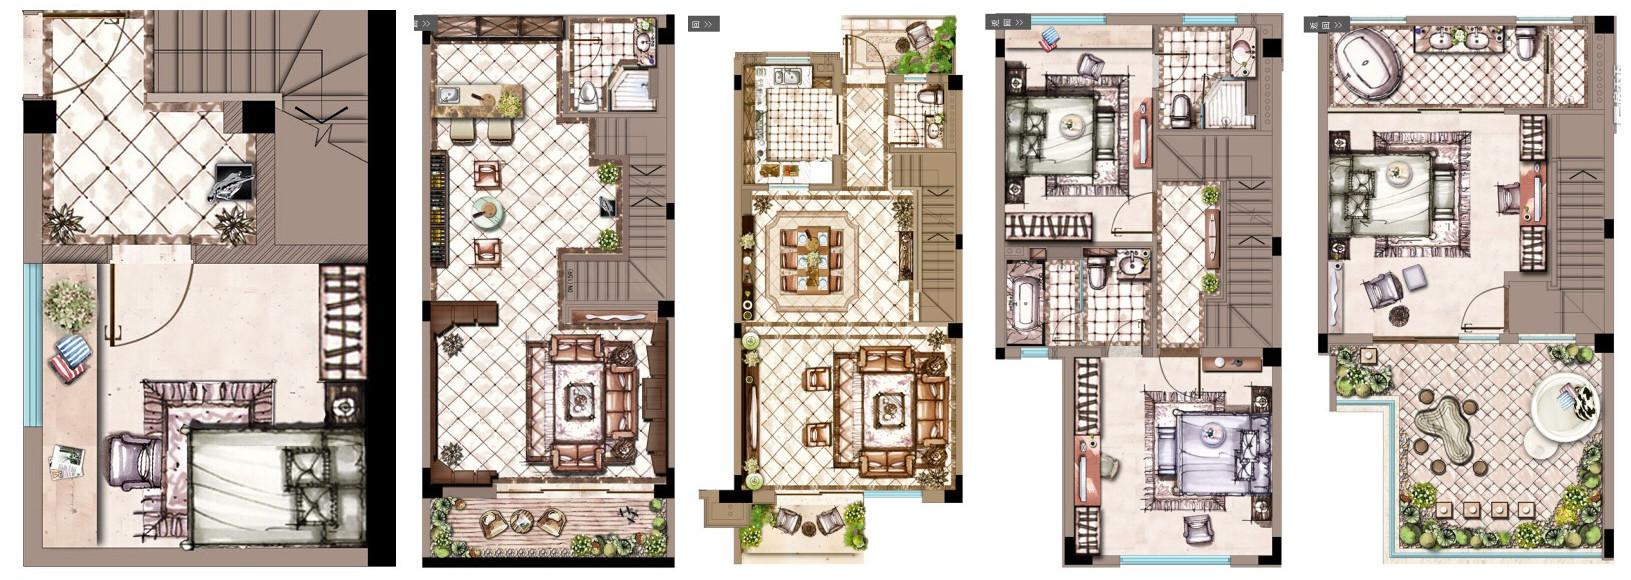 雅居乐星爵 别墅 设计 装修 申远 新古典 四居 户型图图片来自申远-小申在雅居乐星爵别墅  典雅古典风的分享